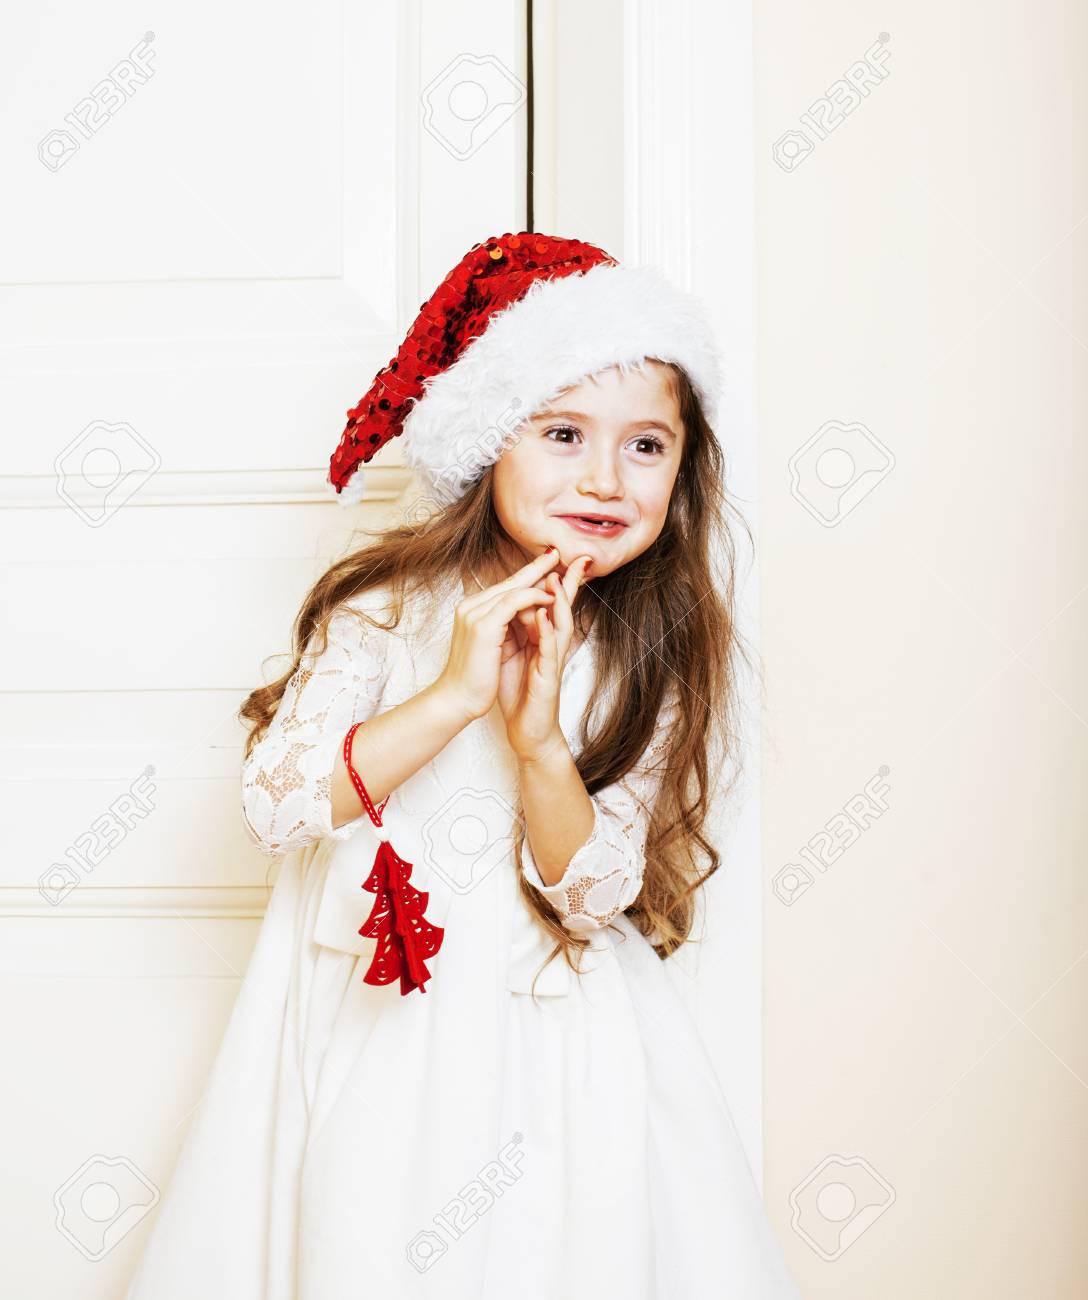 Niedliche Kleine Mädchen In Santas Roten Hut Für Weihnachtsgeschenke ...